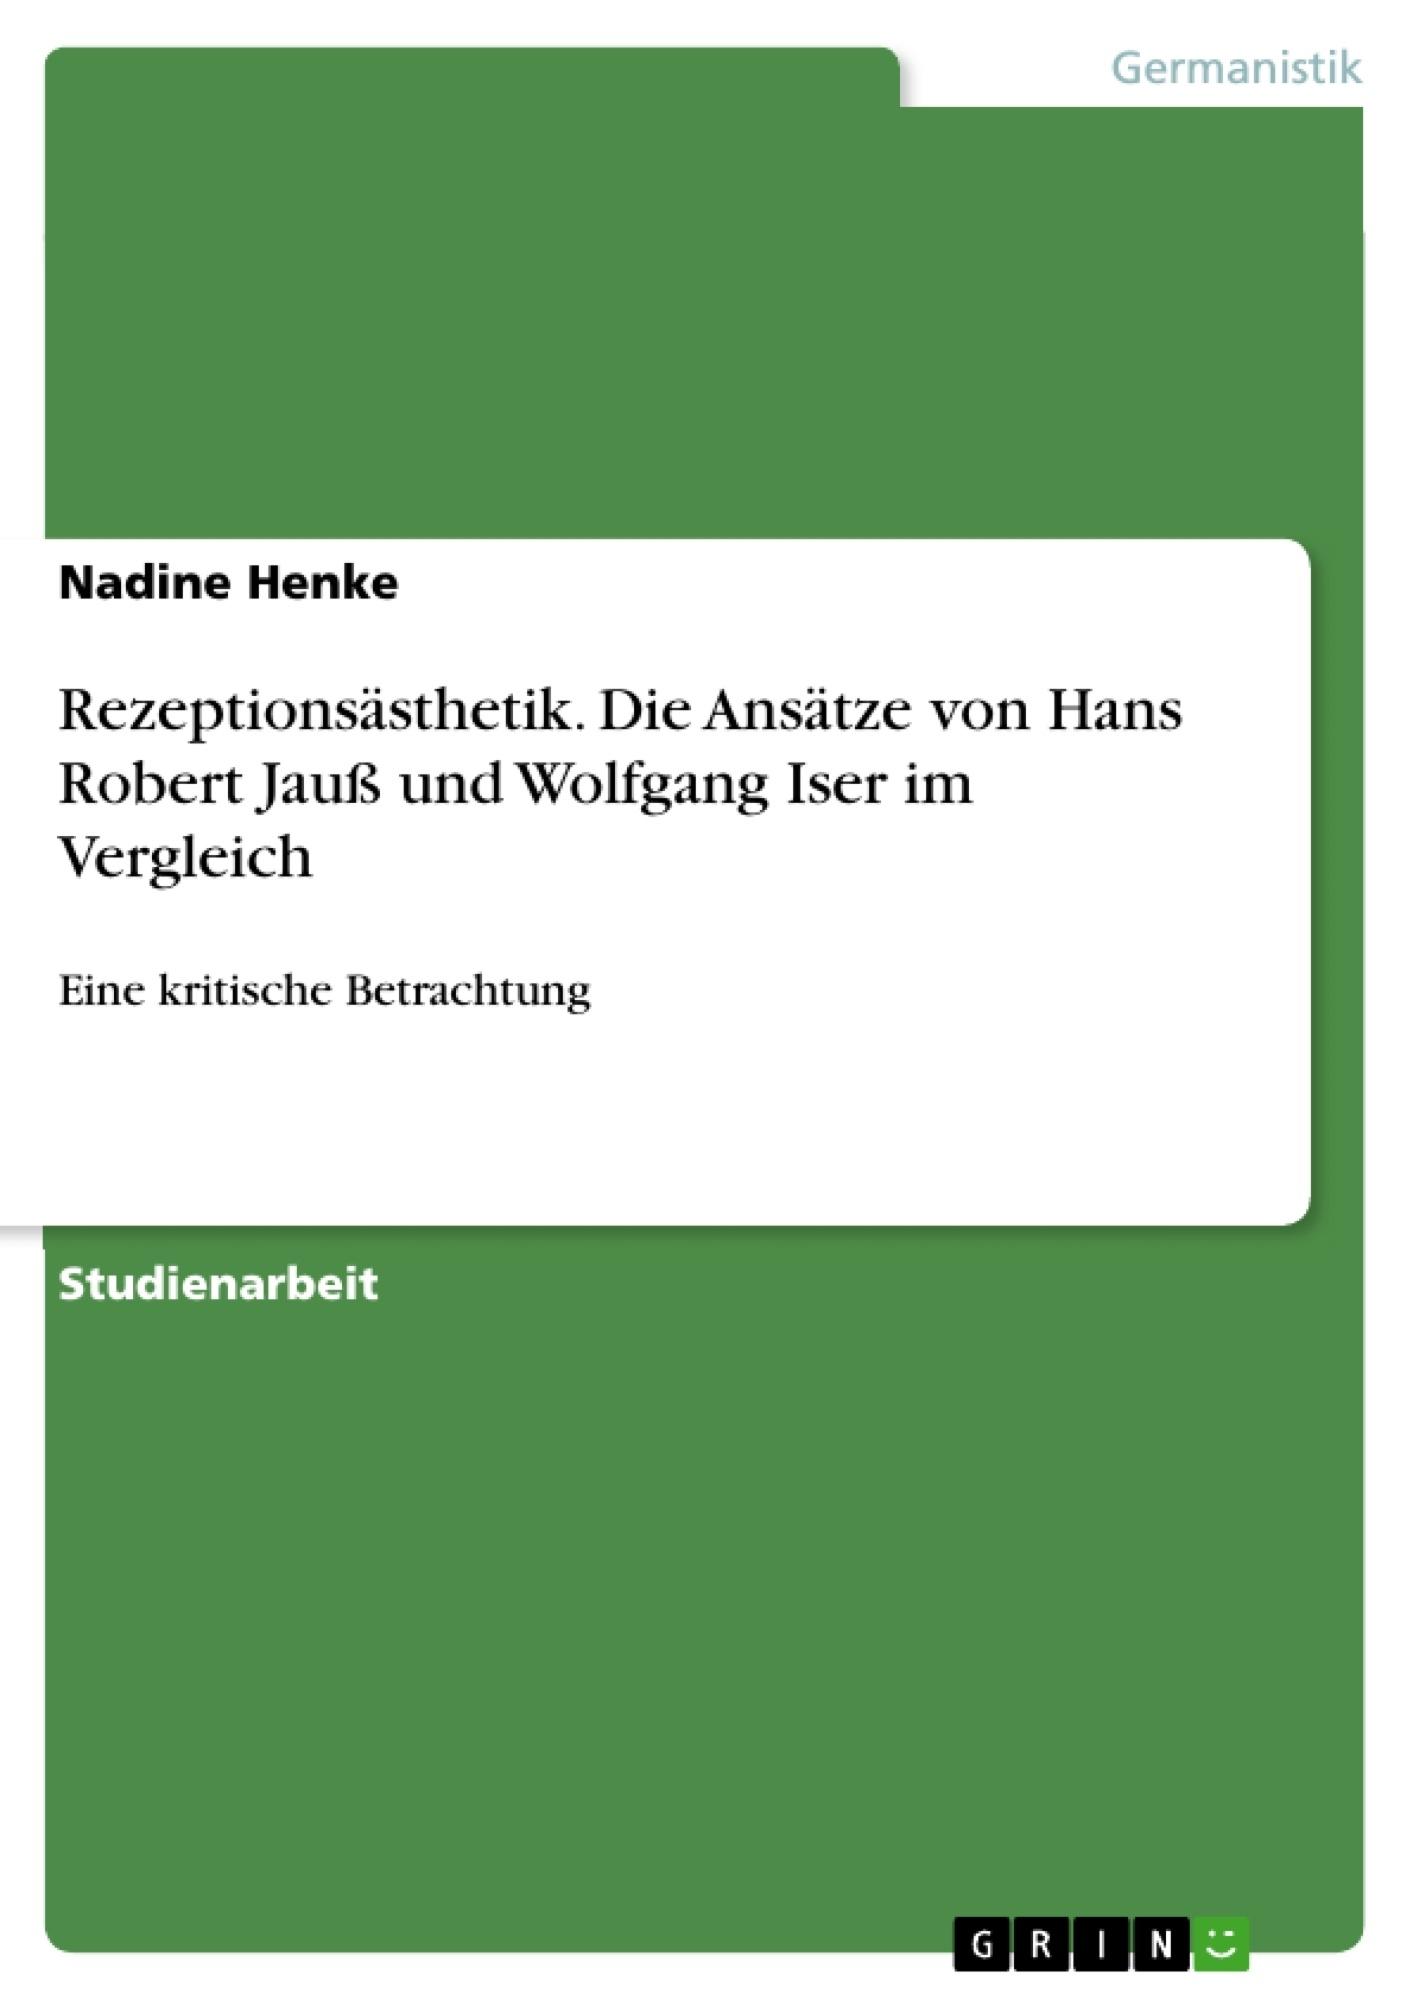 Titel: Rezeptionsästhetik. Die Ansätze von Hans Robert Jauß und Wolfgang Iser im Vergleich